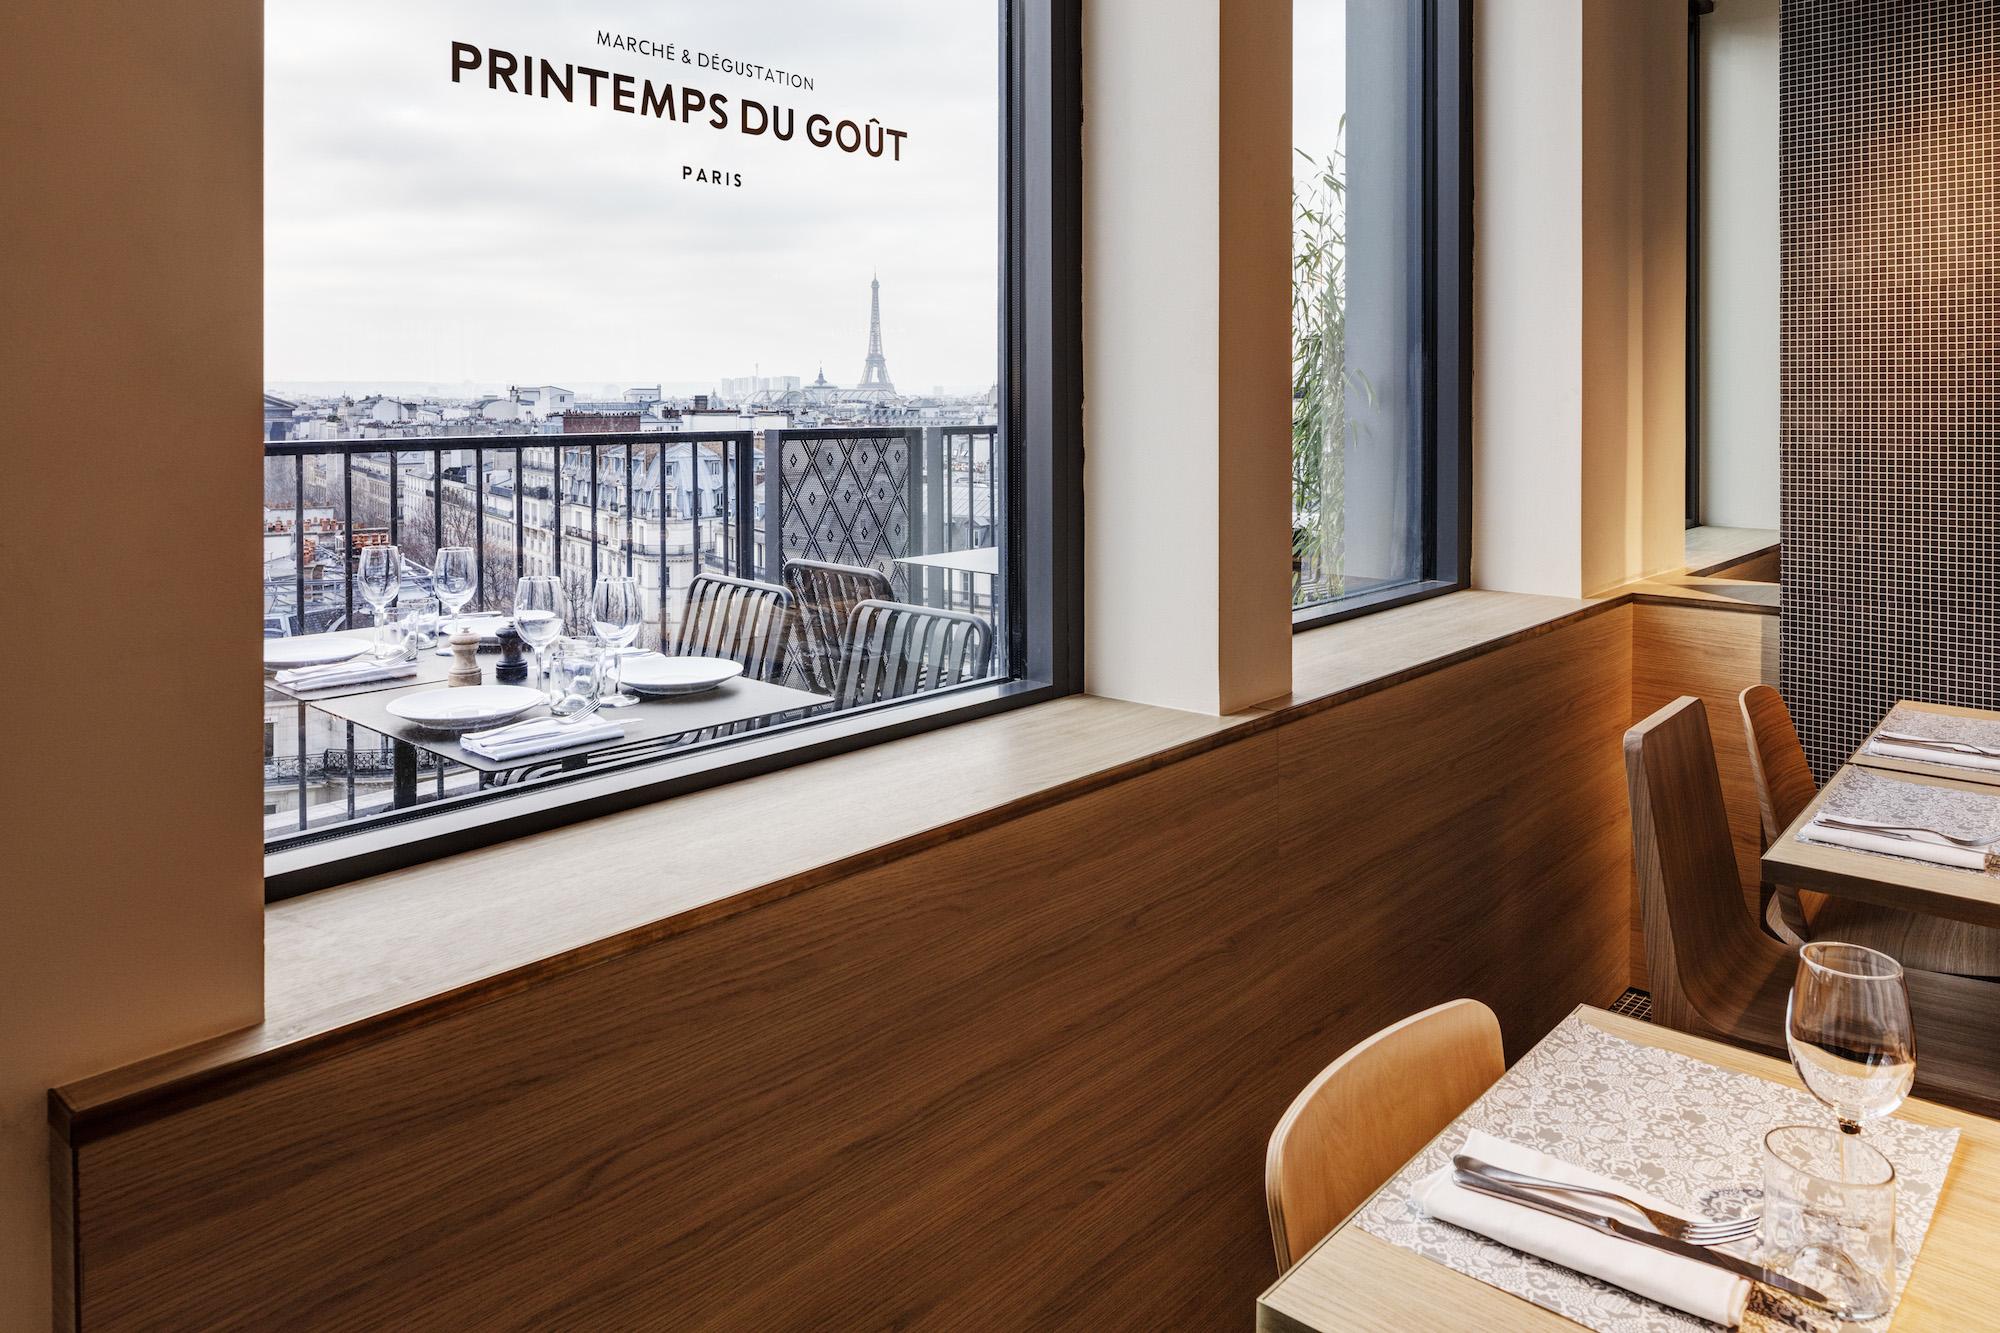 HiP Paris Blog covers the opening of Printemps du Gout